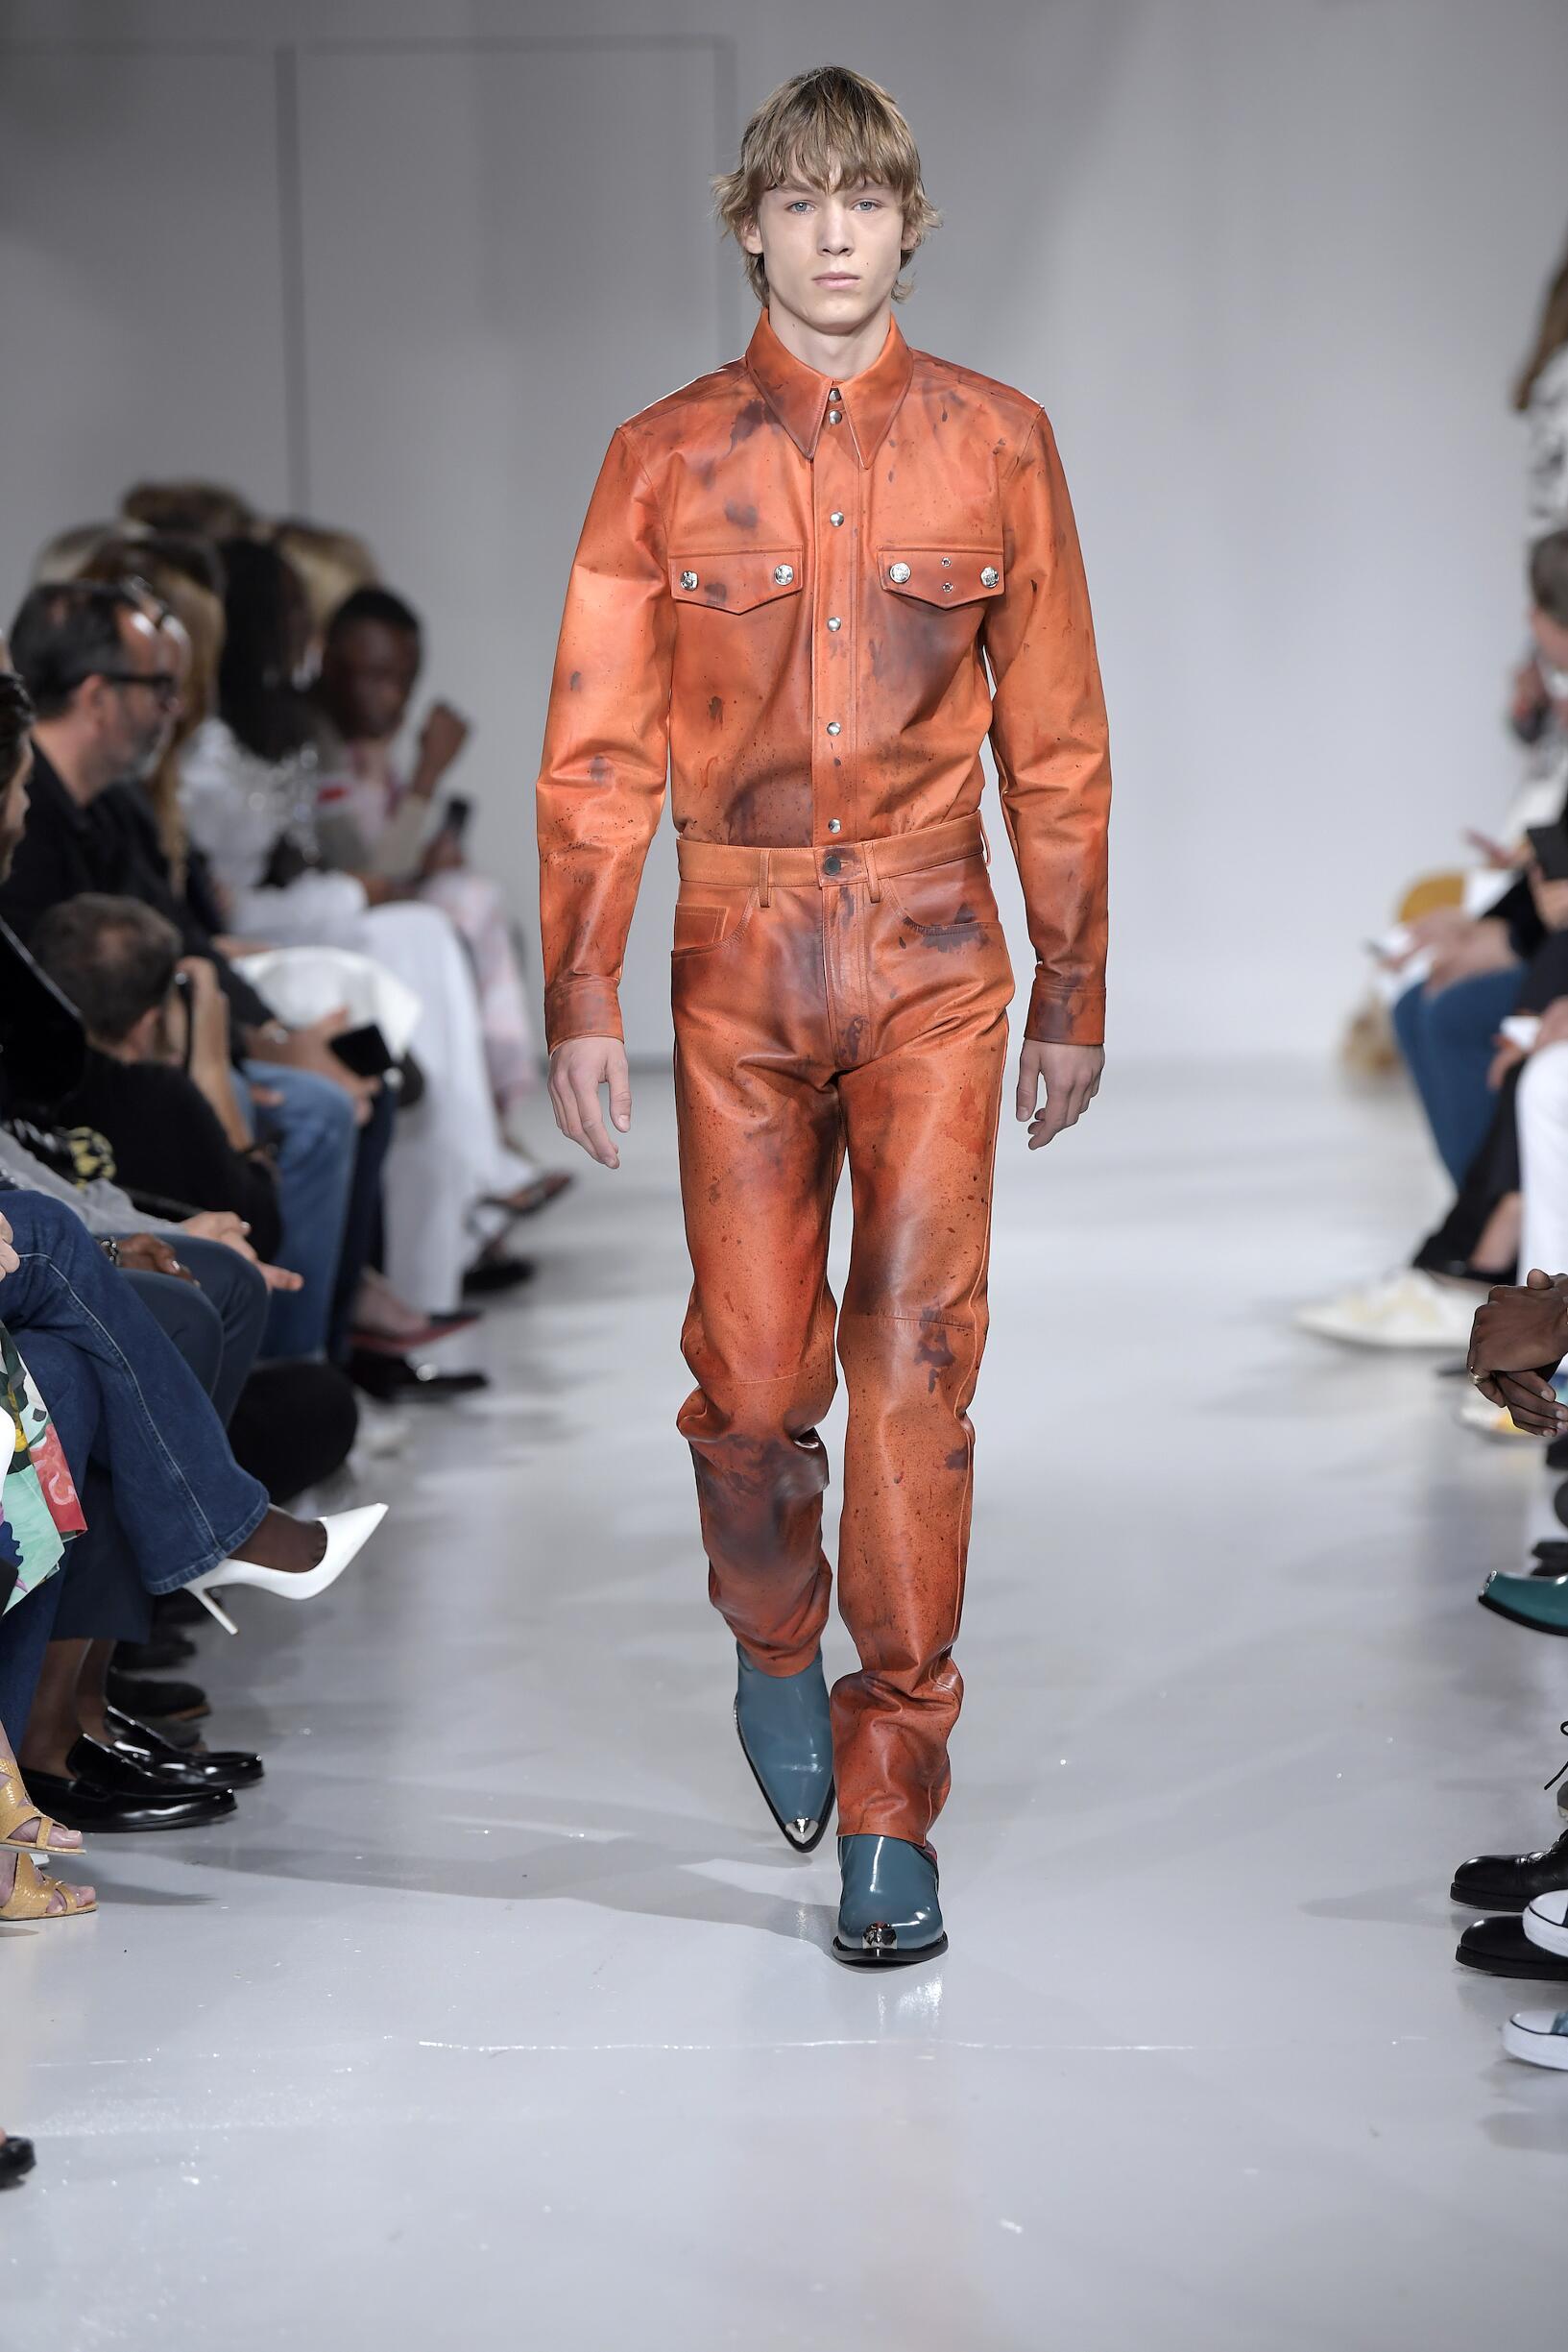 Catwalk Calvin Klein 205W39NYC Summer 2018